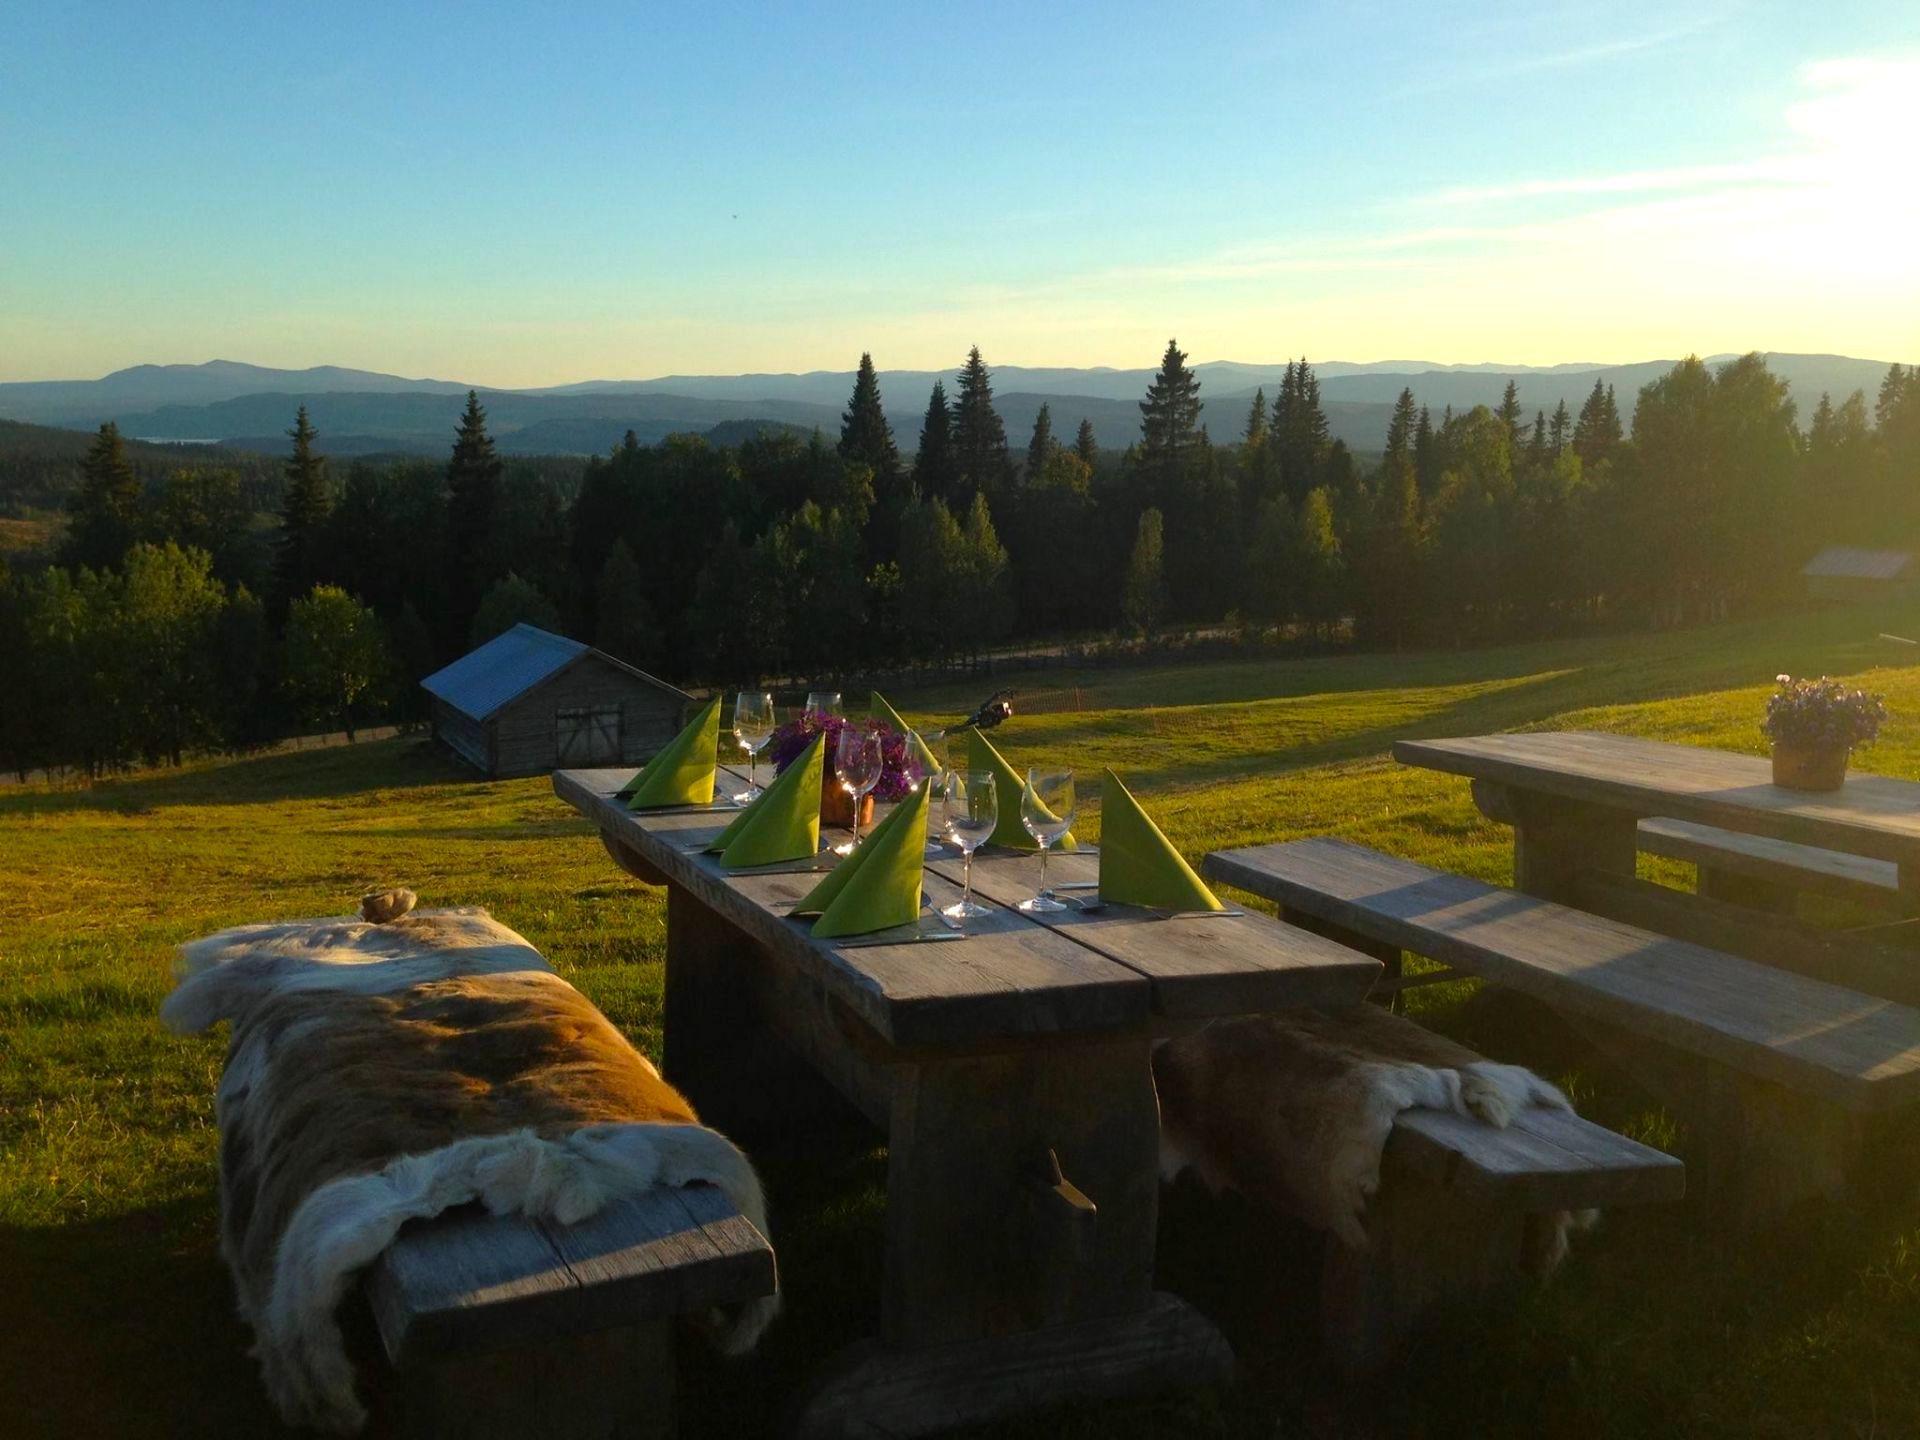 Middag med utsikt hos Myrhbodarna i Valsjöbyn. Foto © Myhrbodarna Fäbod